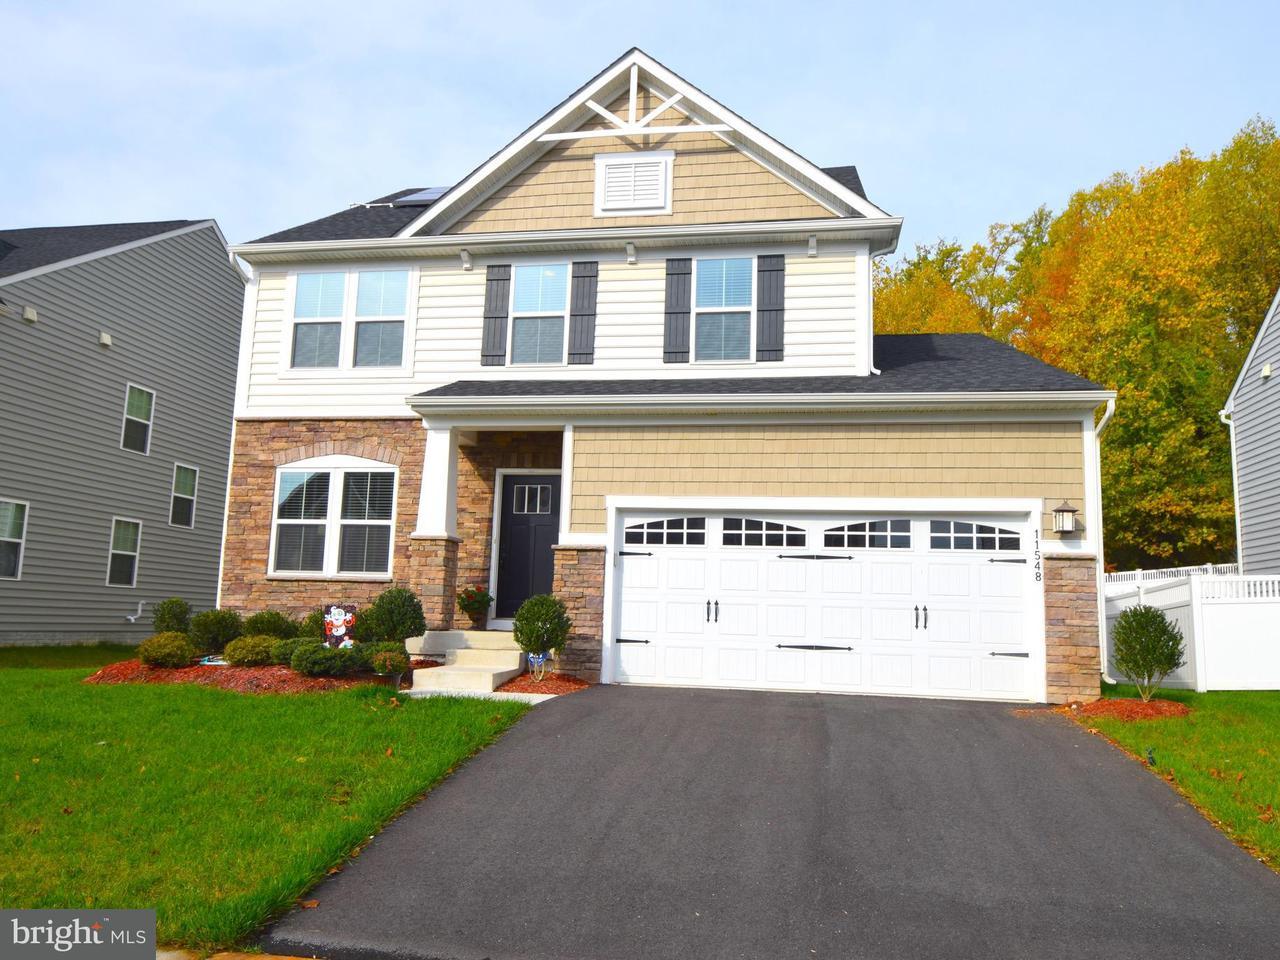 独户住宅 为 销售 在 11548 Autumn Terrace Drive 11548 Autumn Terrace Drive White Marsh, 马里兰州 21162 美国